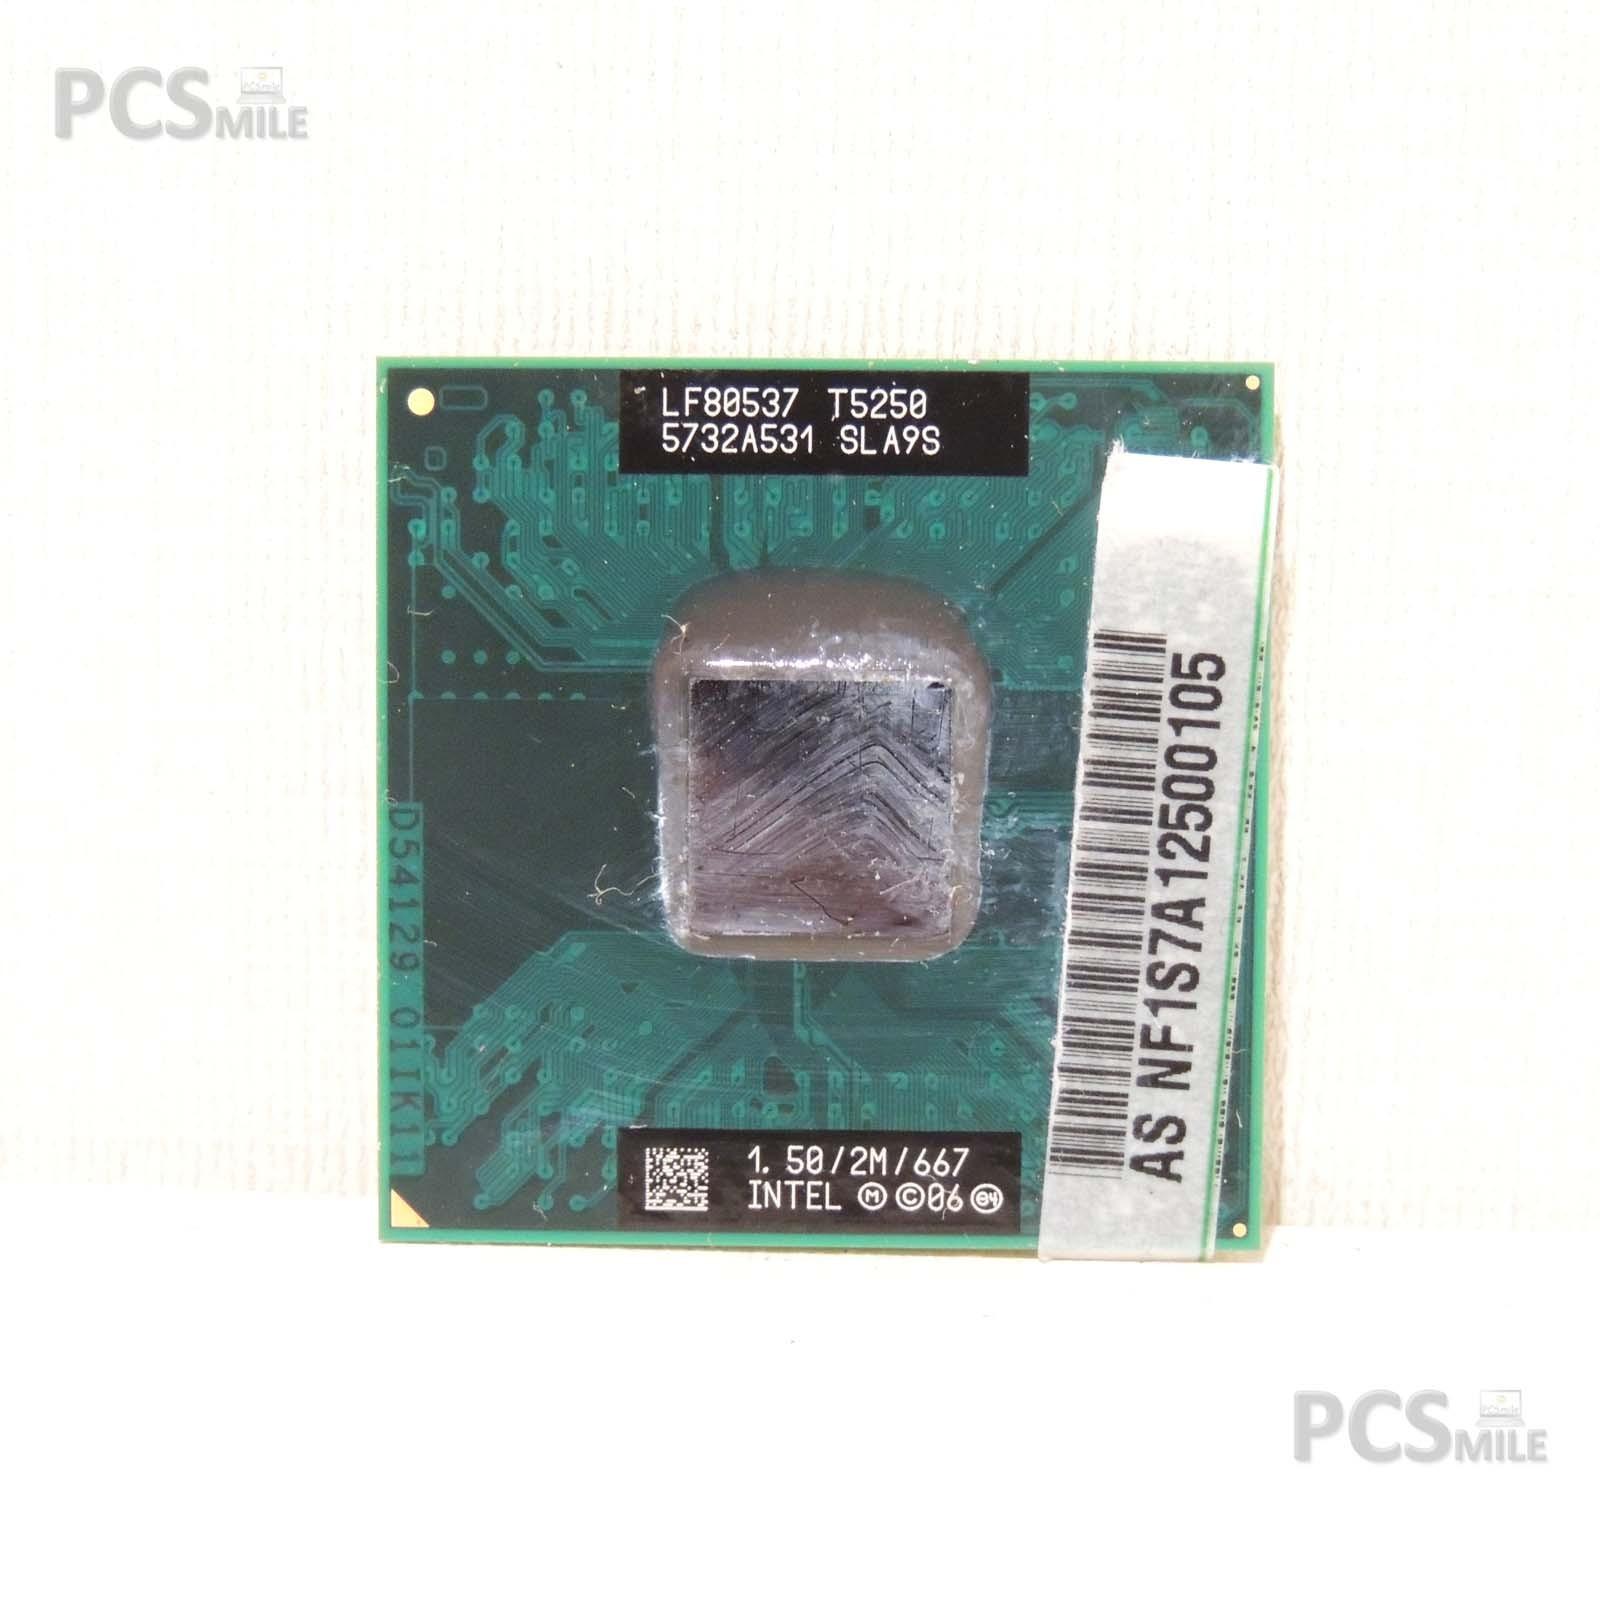 Intel Core 2duo mobile processore t5250 1,50ghz FSB 667 sla9s lf80537 CPU